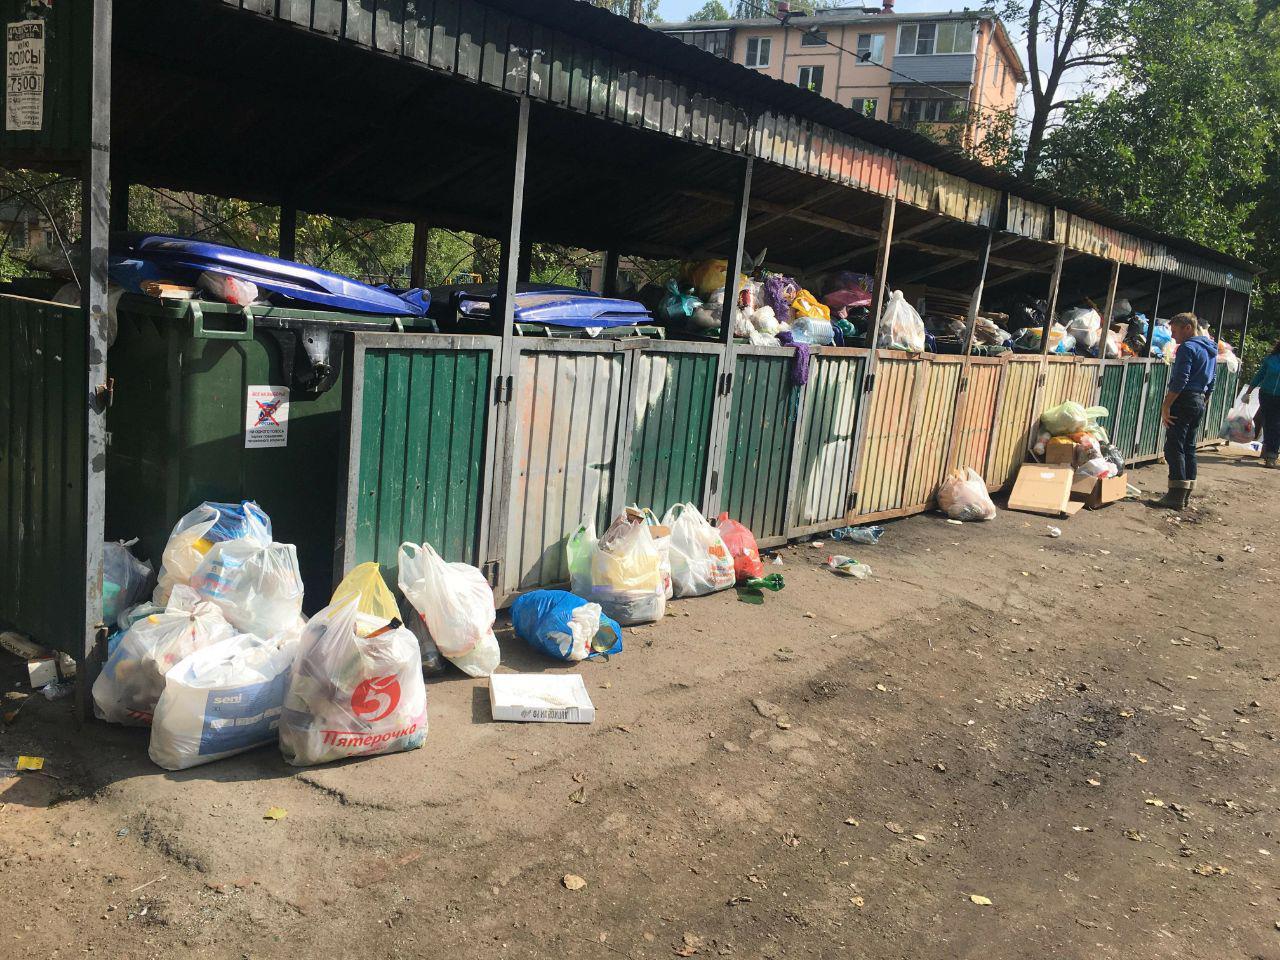 Начало работы регоператора вызвало жалобы жителей на вывоз мусора